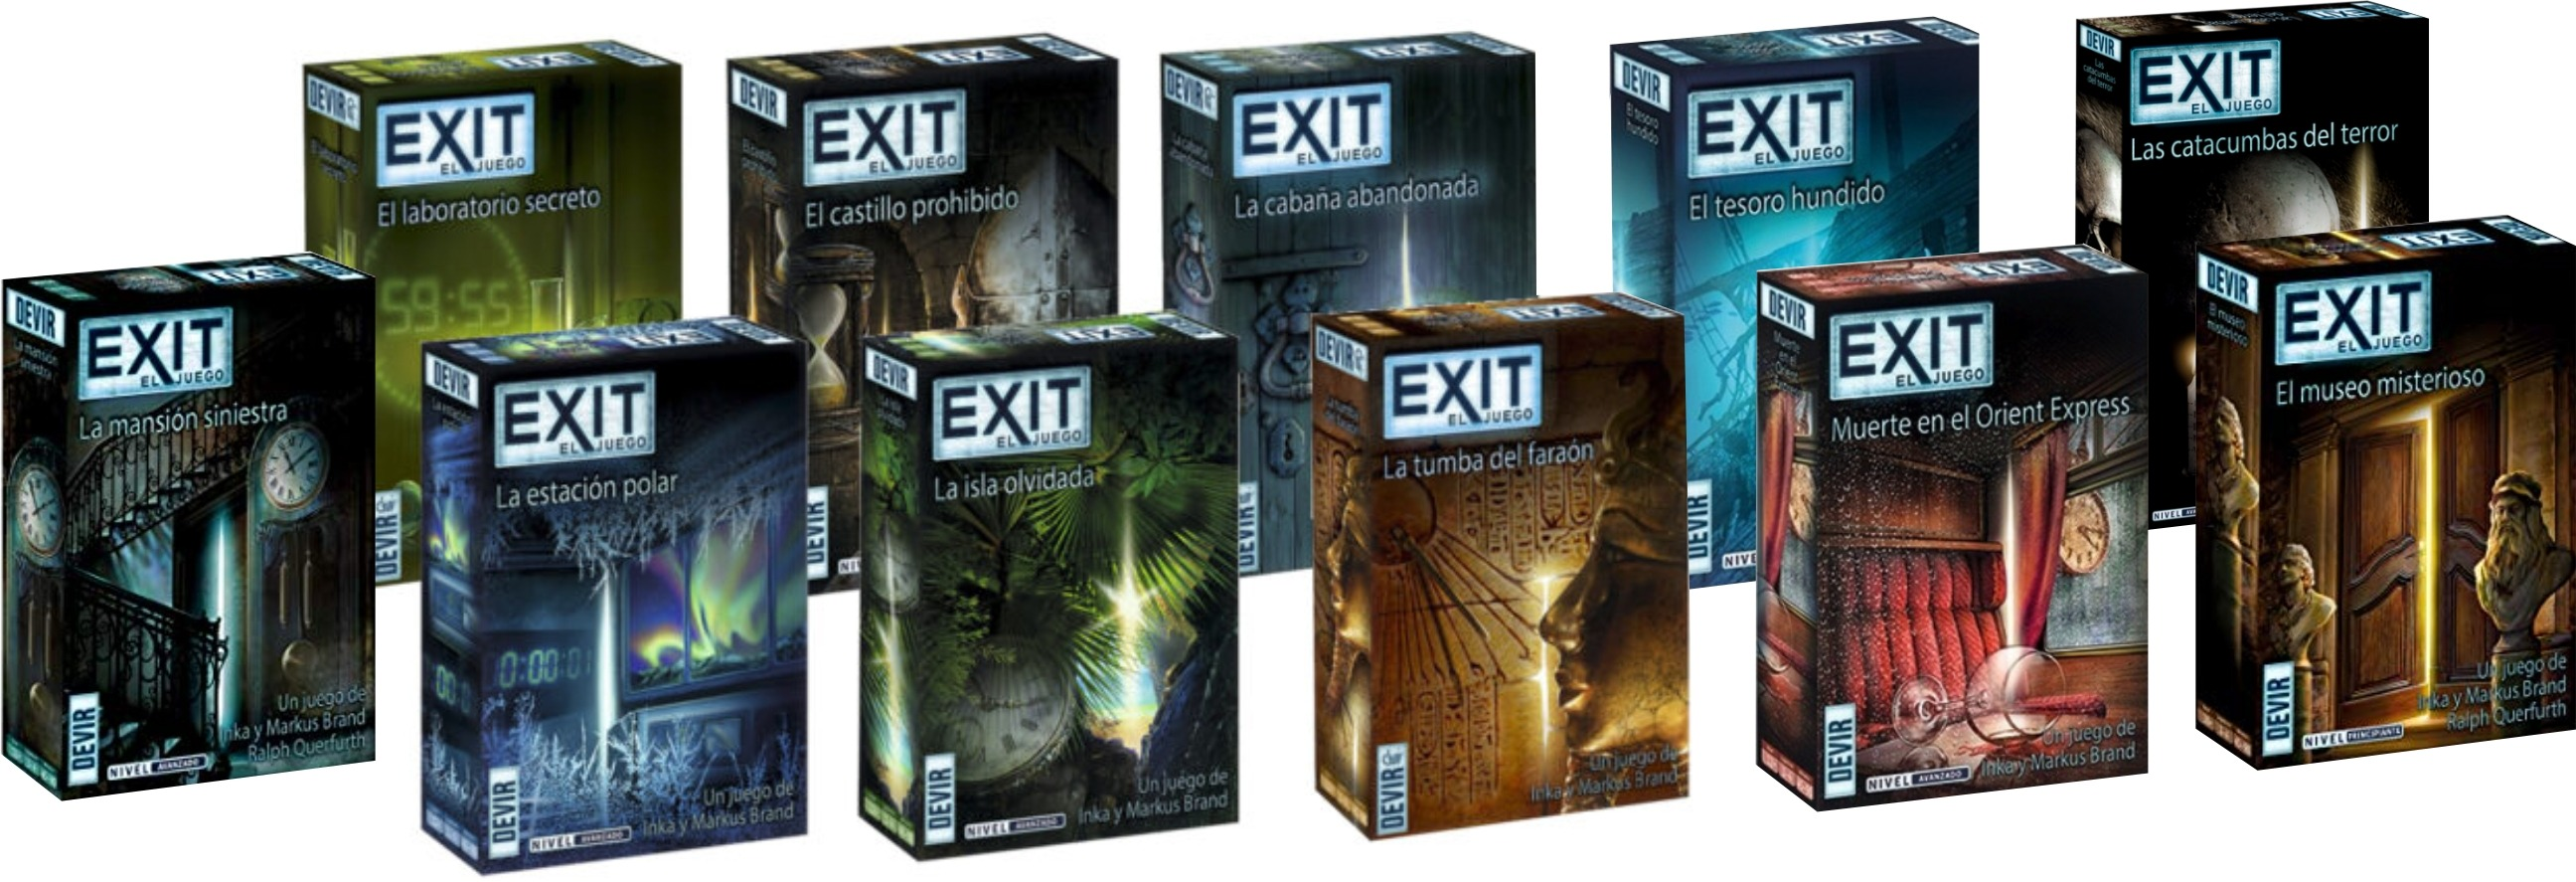 Serie Exit